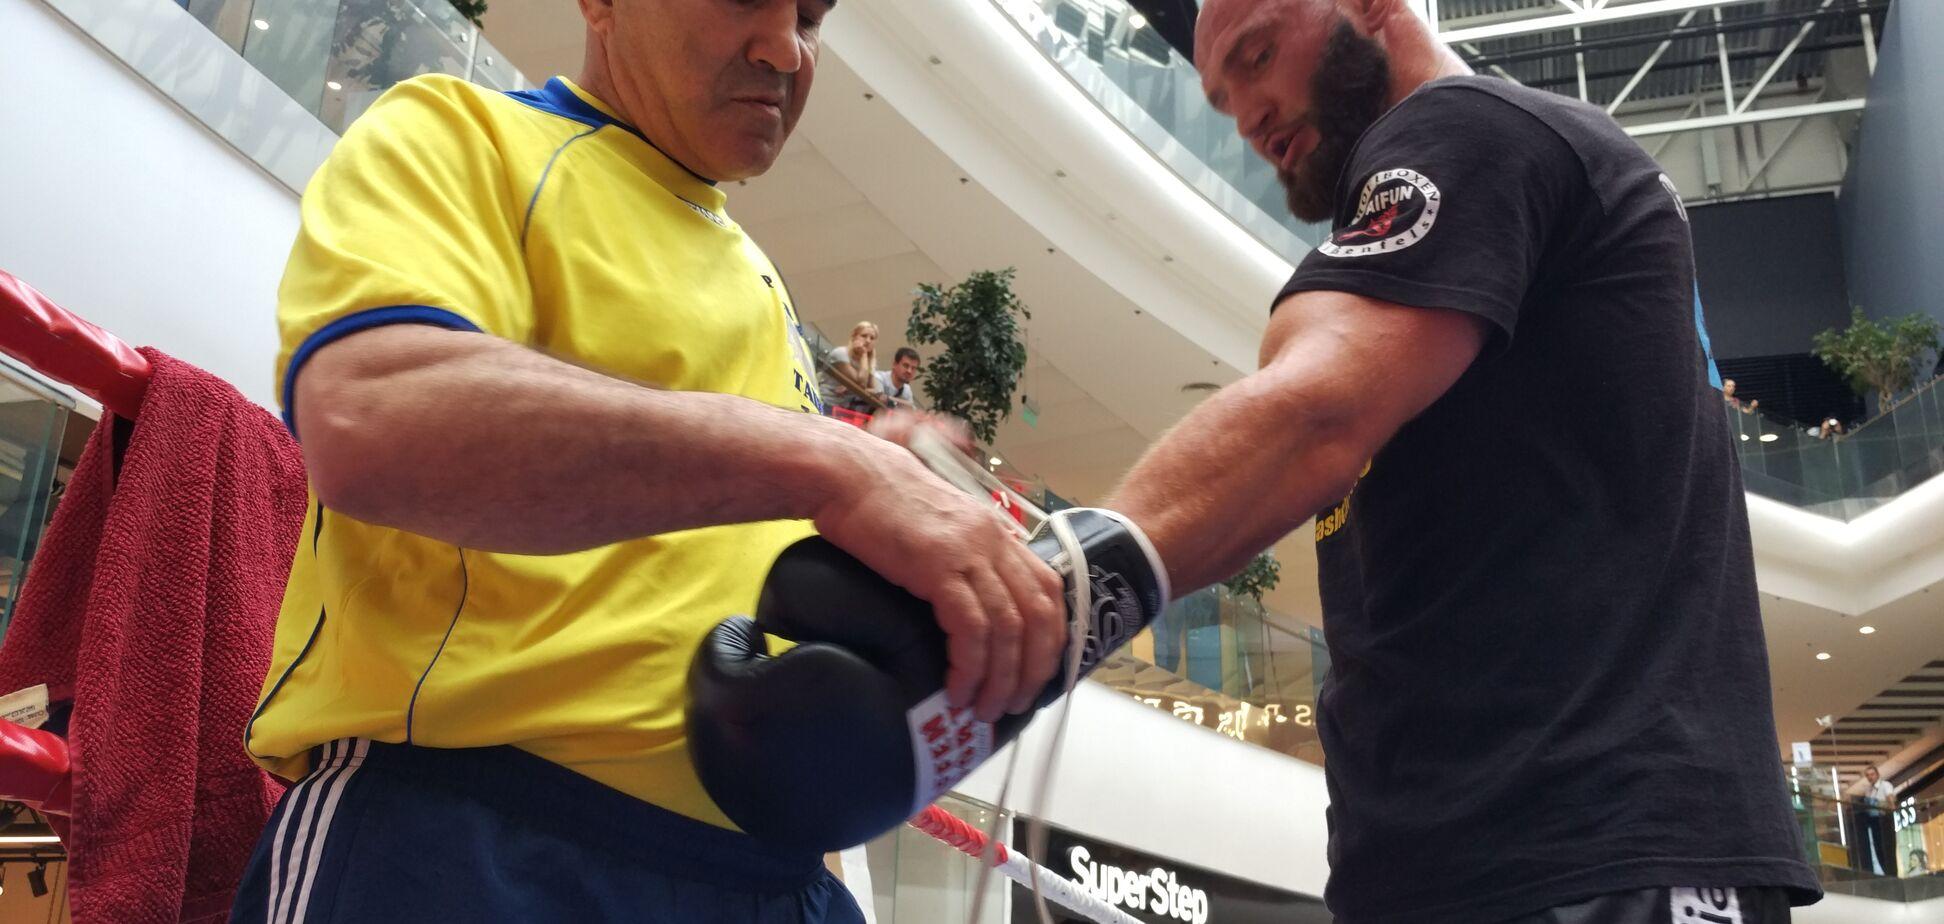 Майбутній суперник переможця WBSS? Українець побореться за звання чемпіона світу